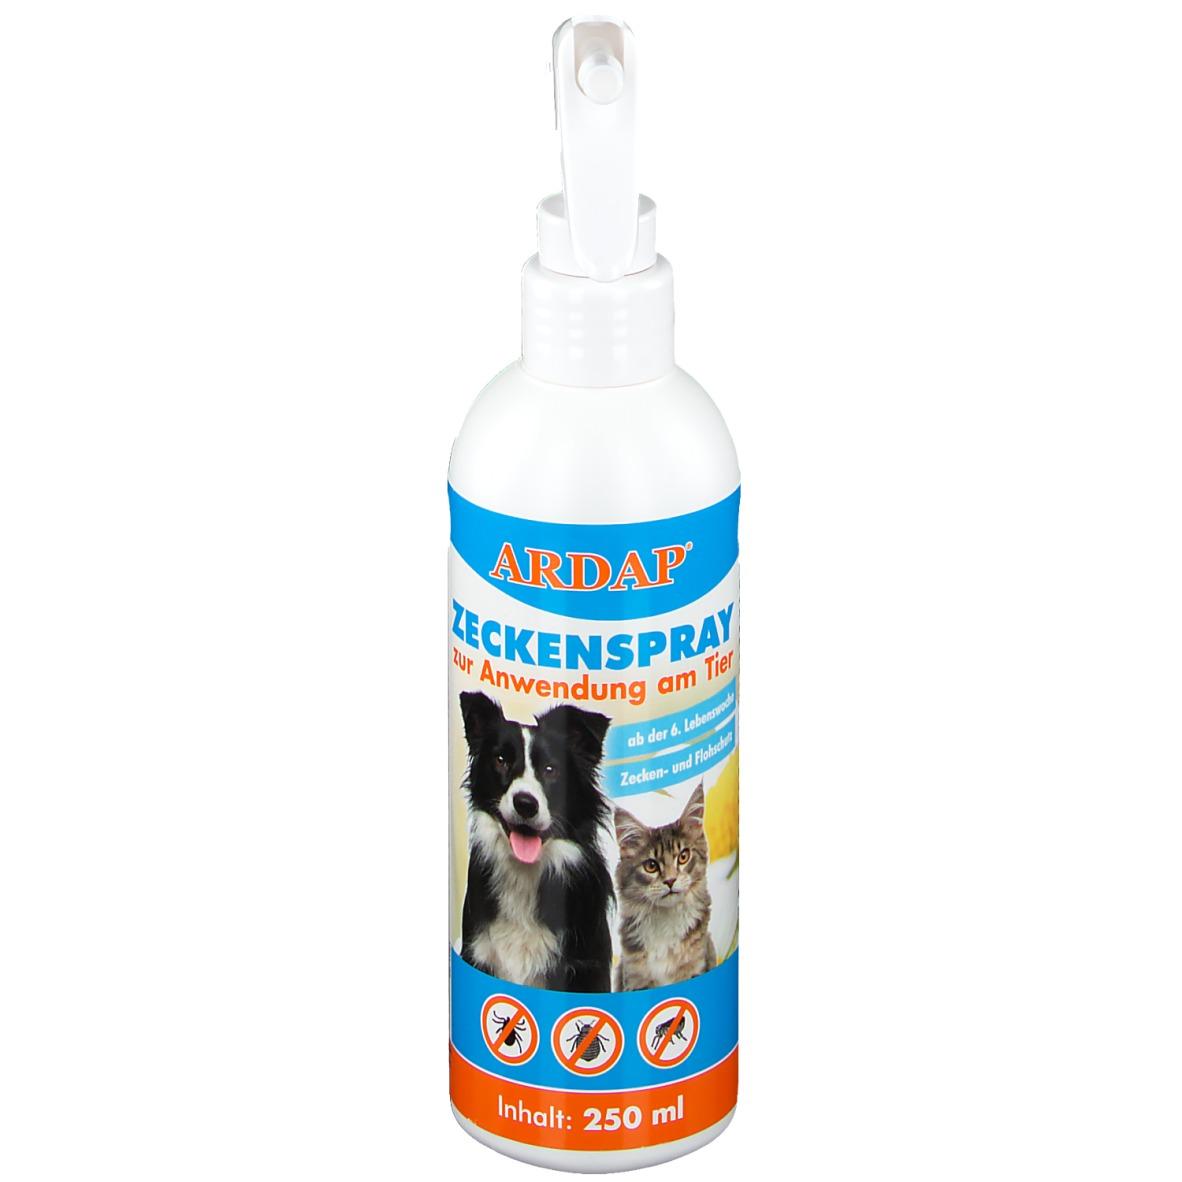 Ardap® Zeckenspray zur Anwendung am Tier